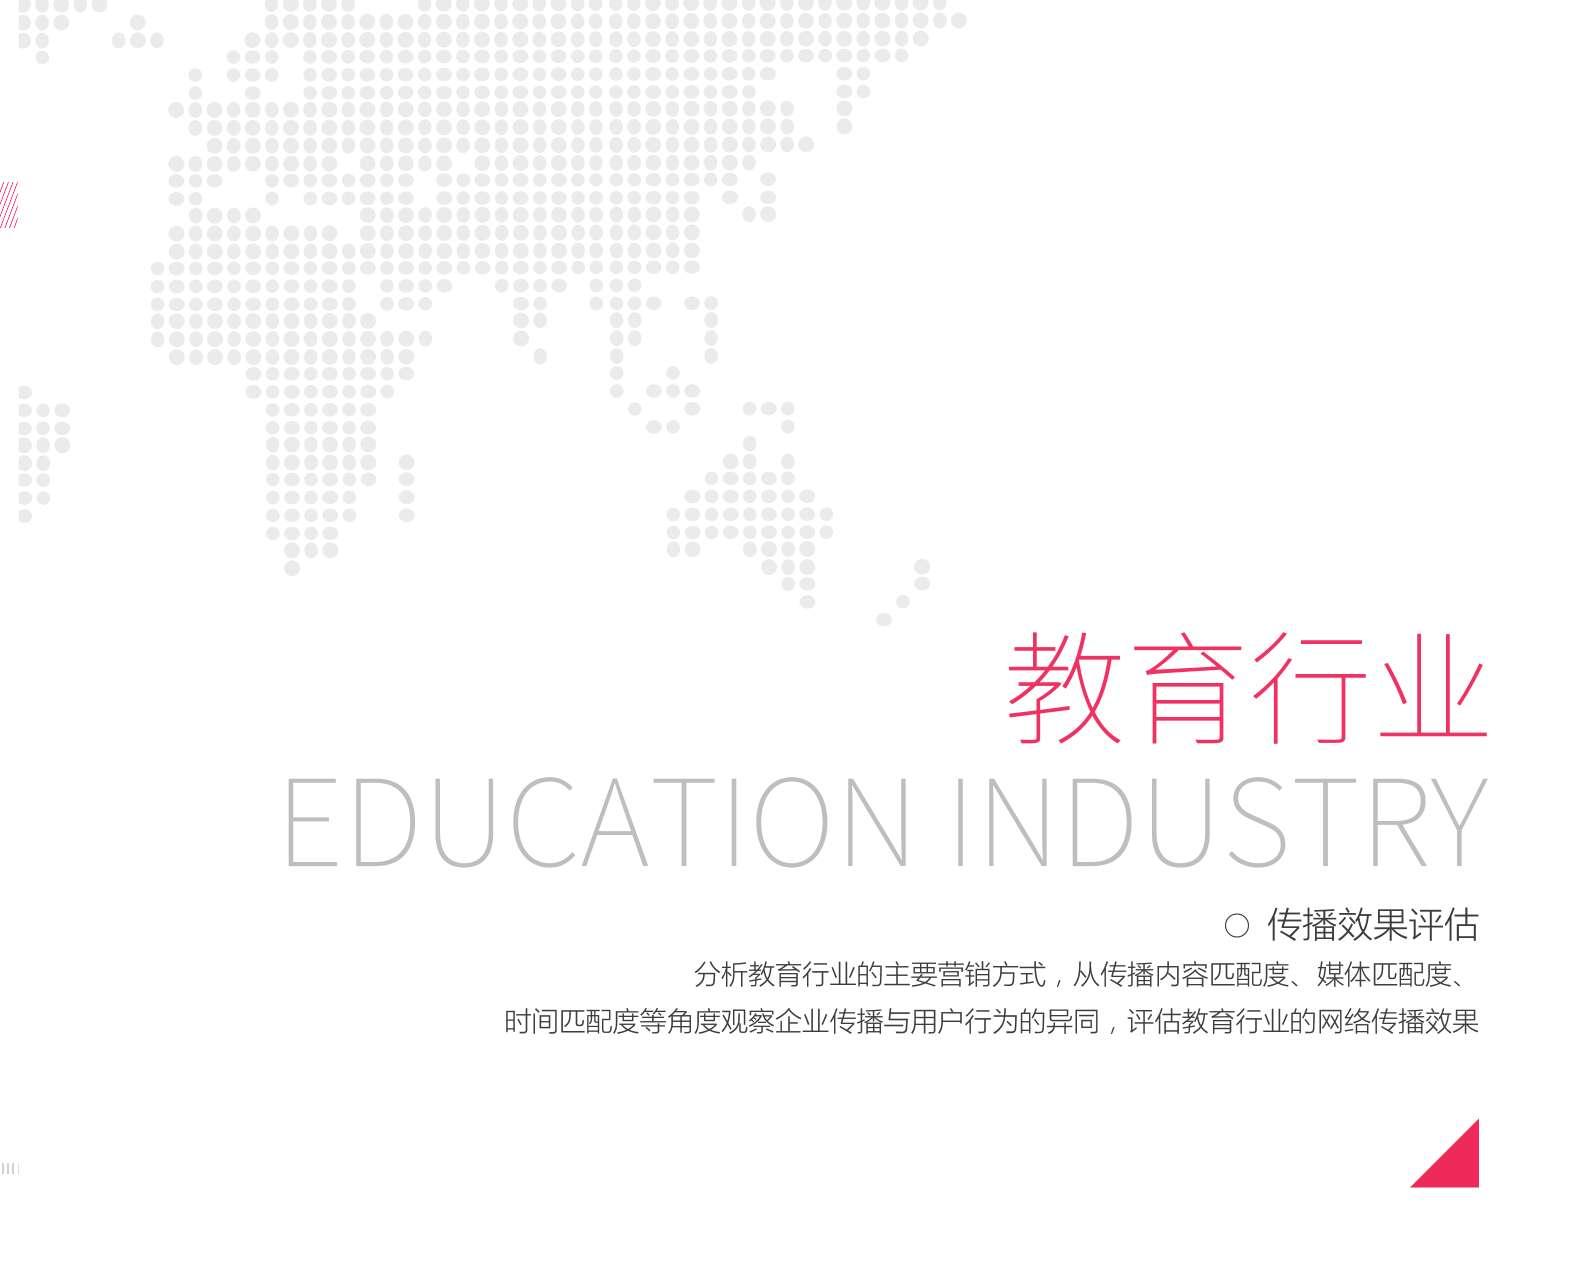 2015中国互联网发展报告_000049